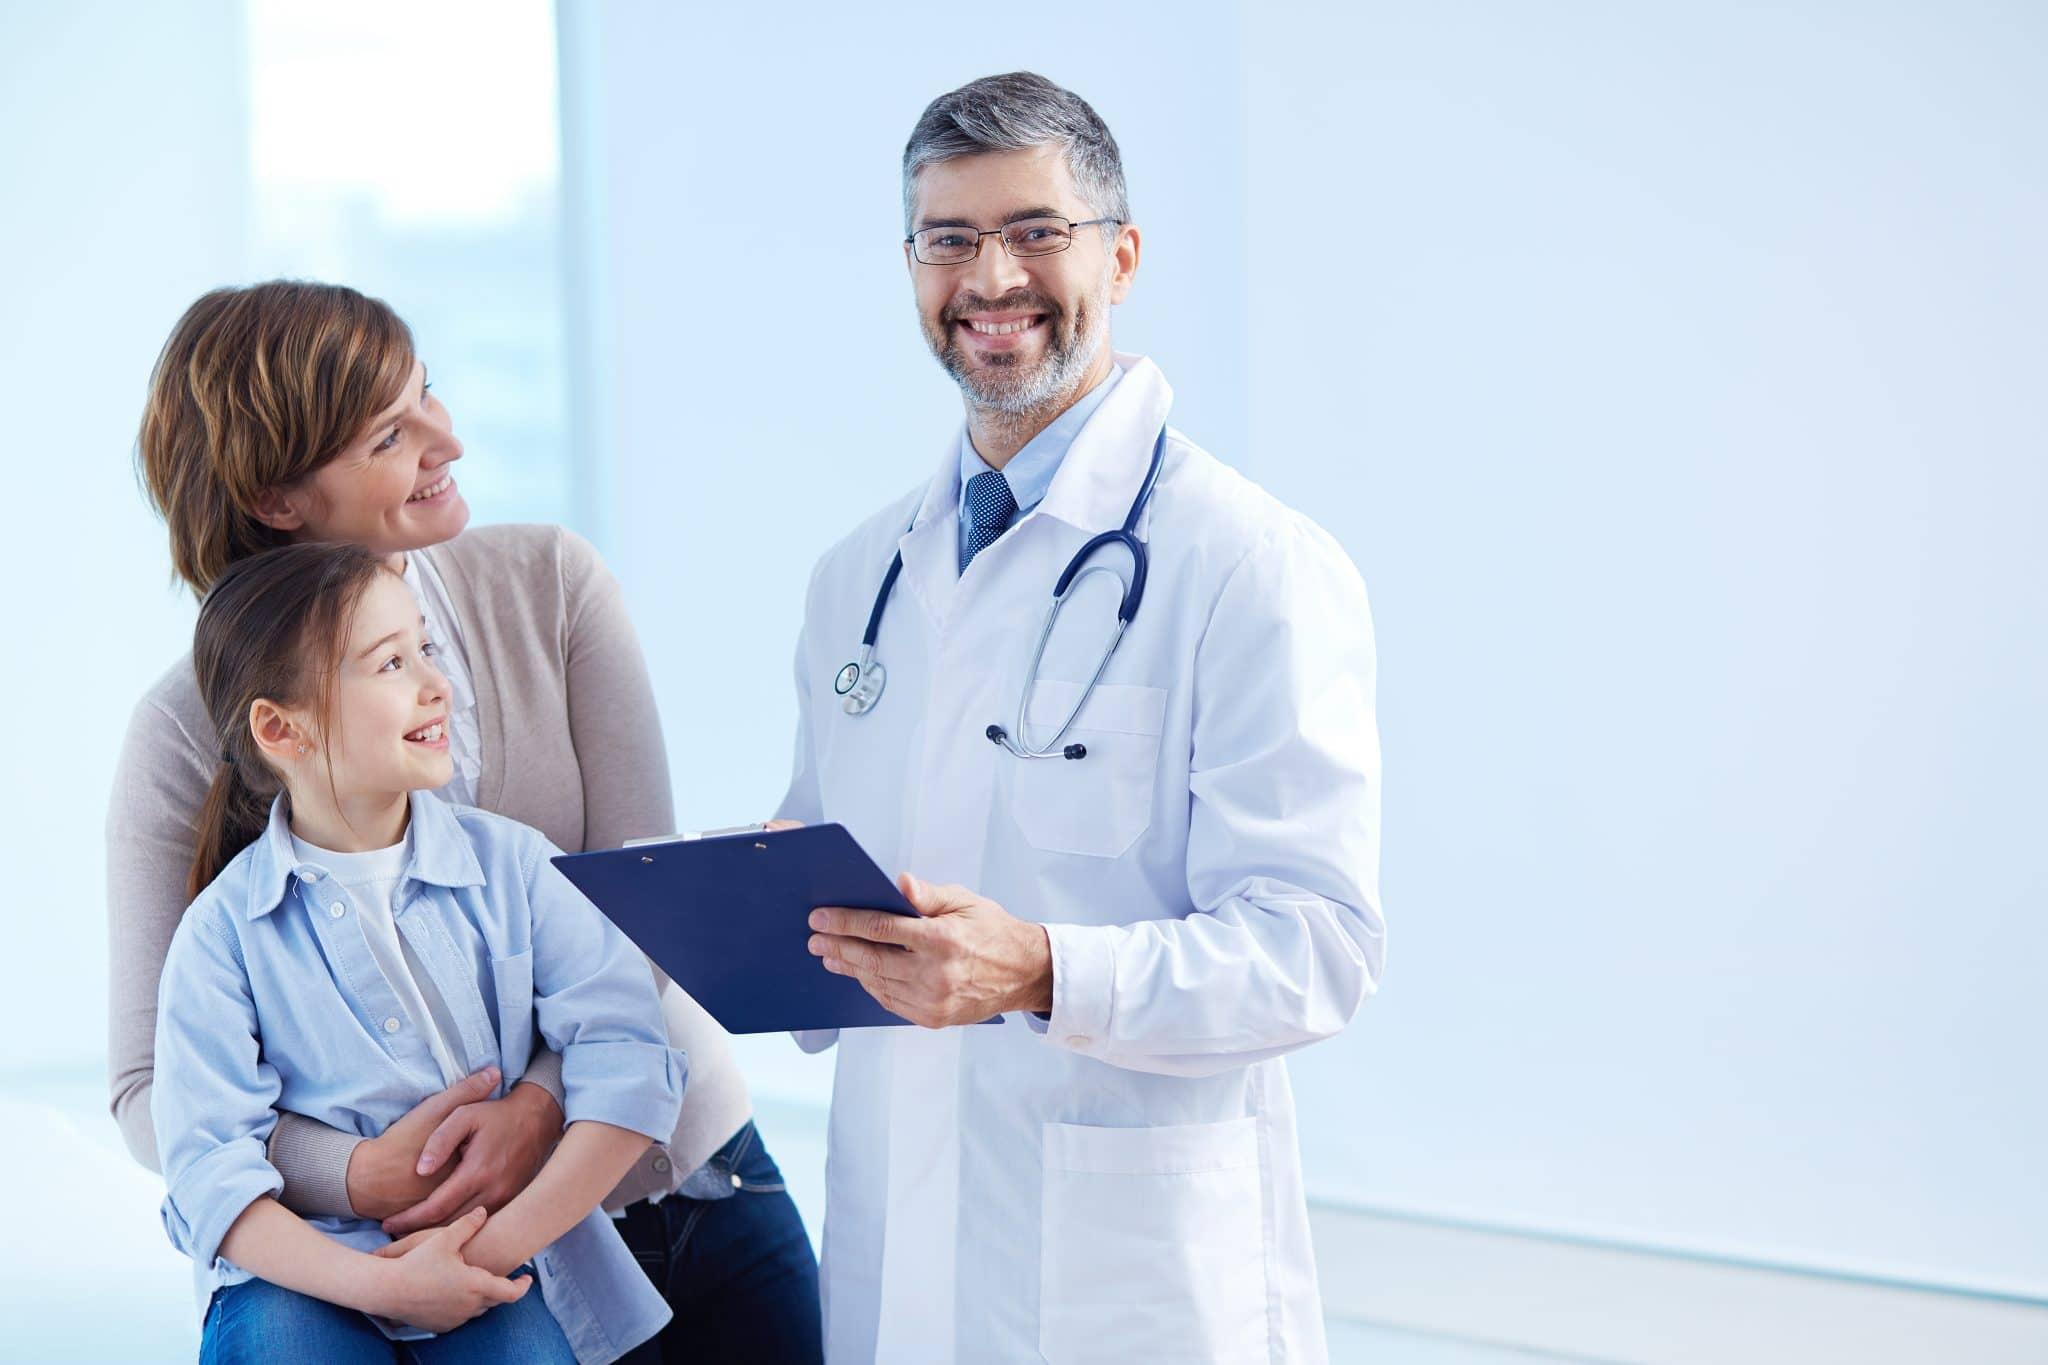 Kinderarzt mit Patientin in Kinderarztpraxis